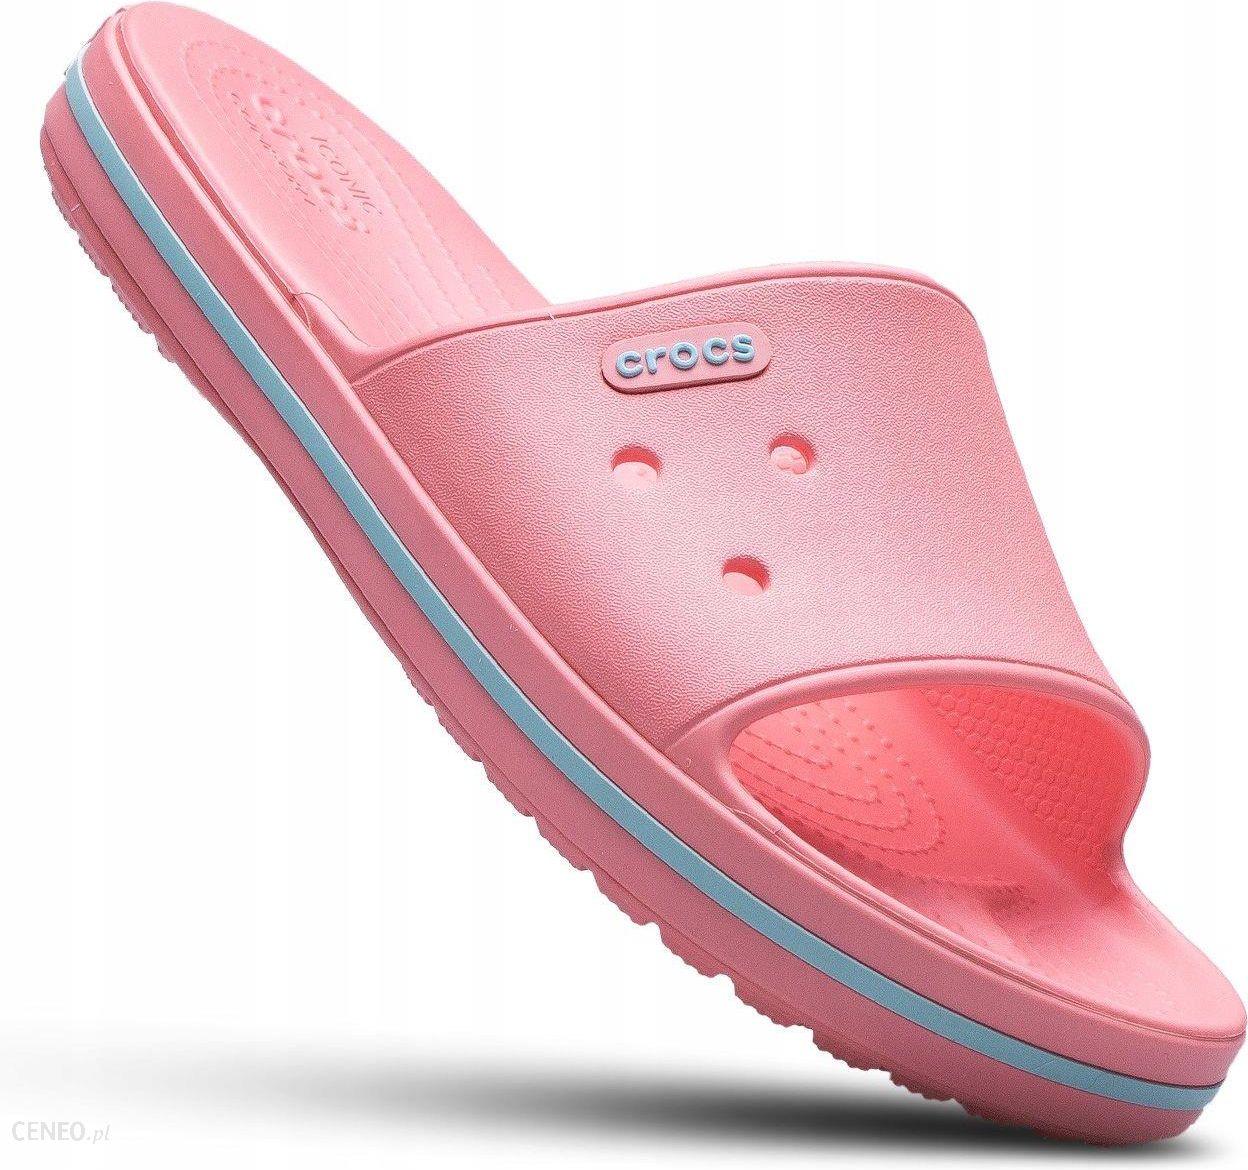 58046b9d6c8e25 Crocs klapki damskie kąpielowe basen plażę różowe - Ceny i opinie ...